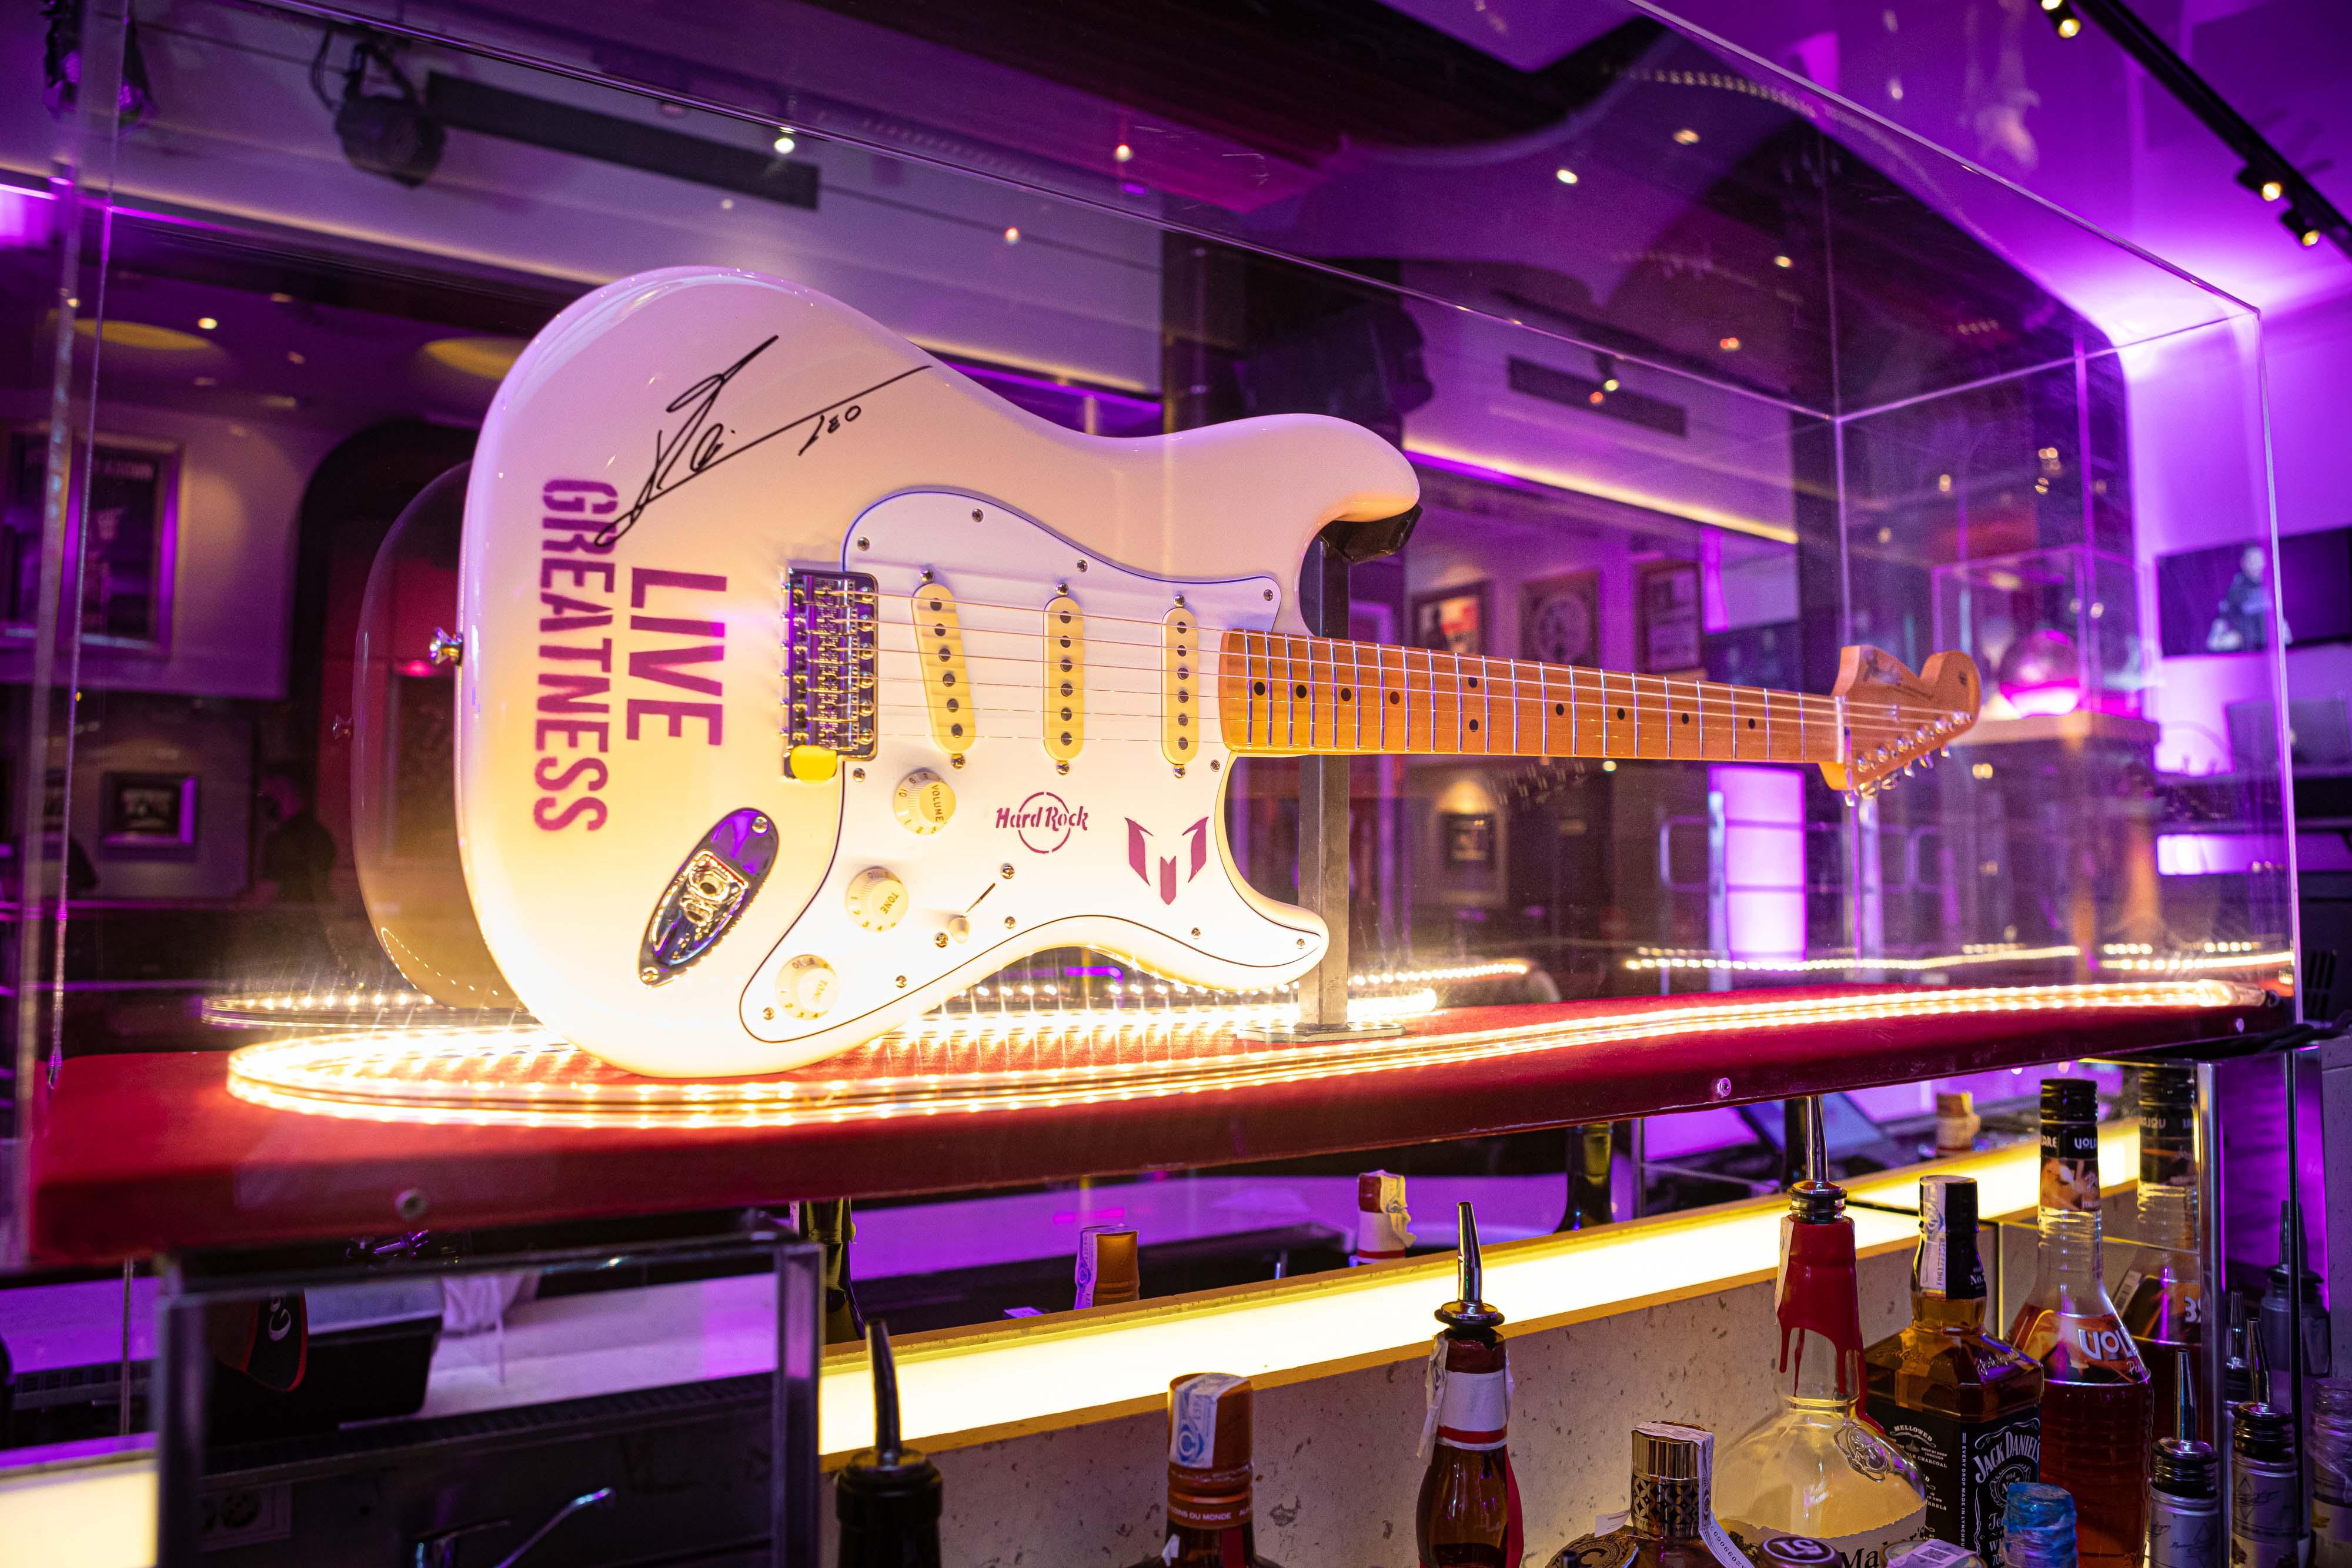 HARD ROCK CAFE BARCELONA acoge el 50 aniversario de HARD ROCK y el anuncio de  LIVE GREATNESS, su nueva campaña internacional protagonizada por LIONEL MESSI